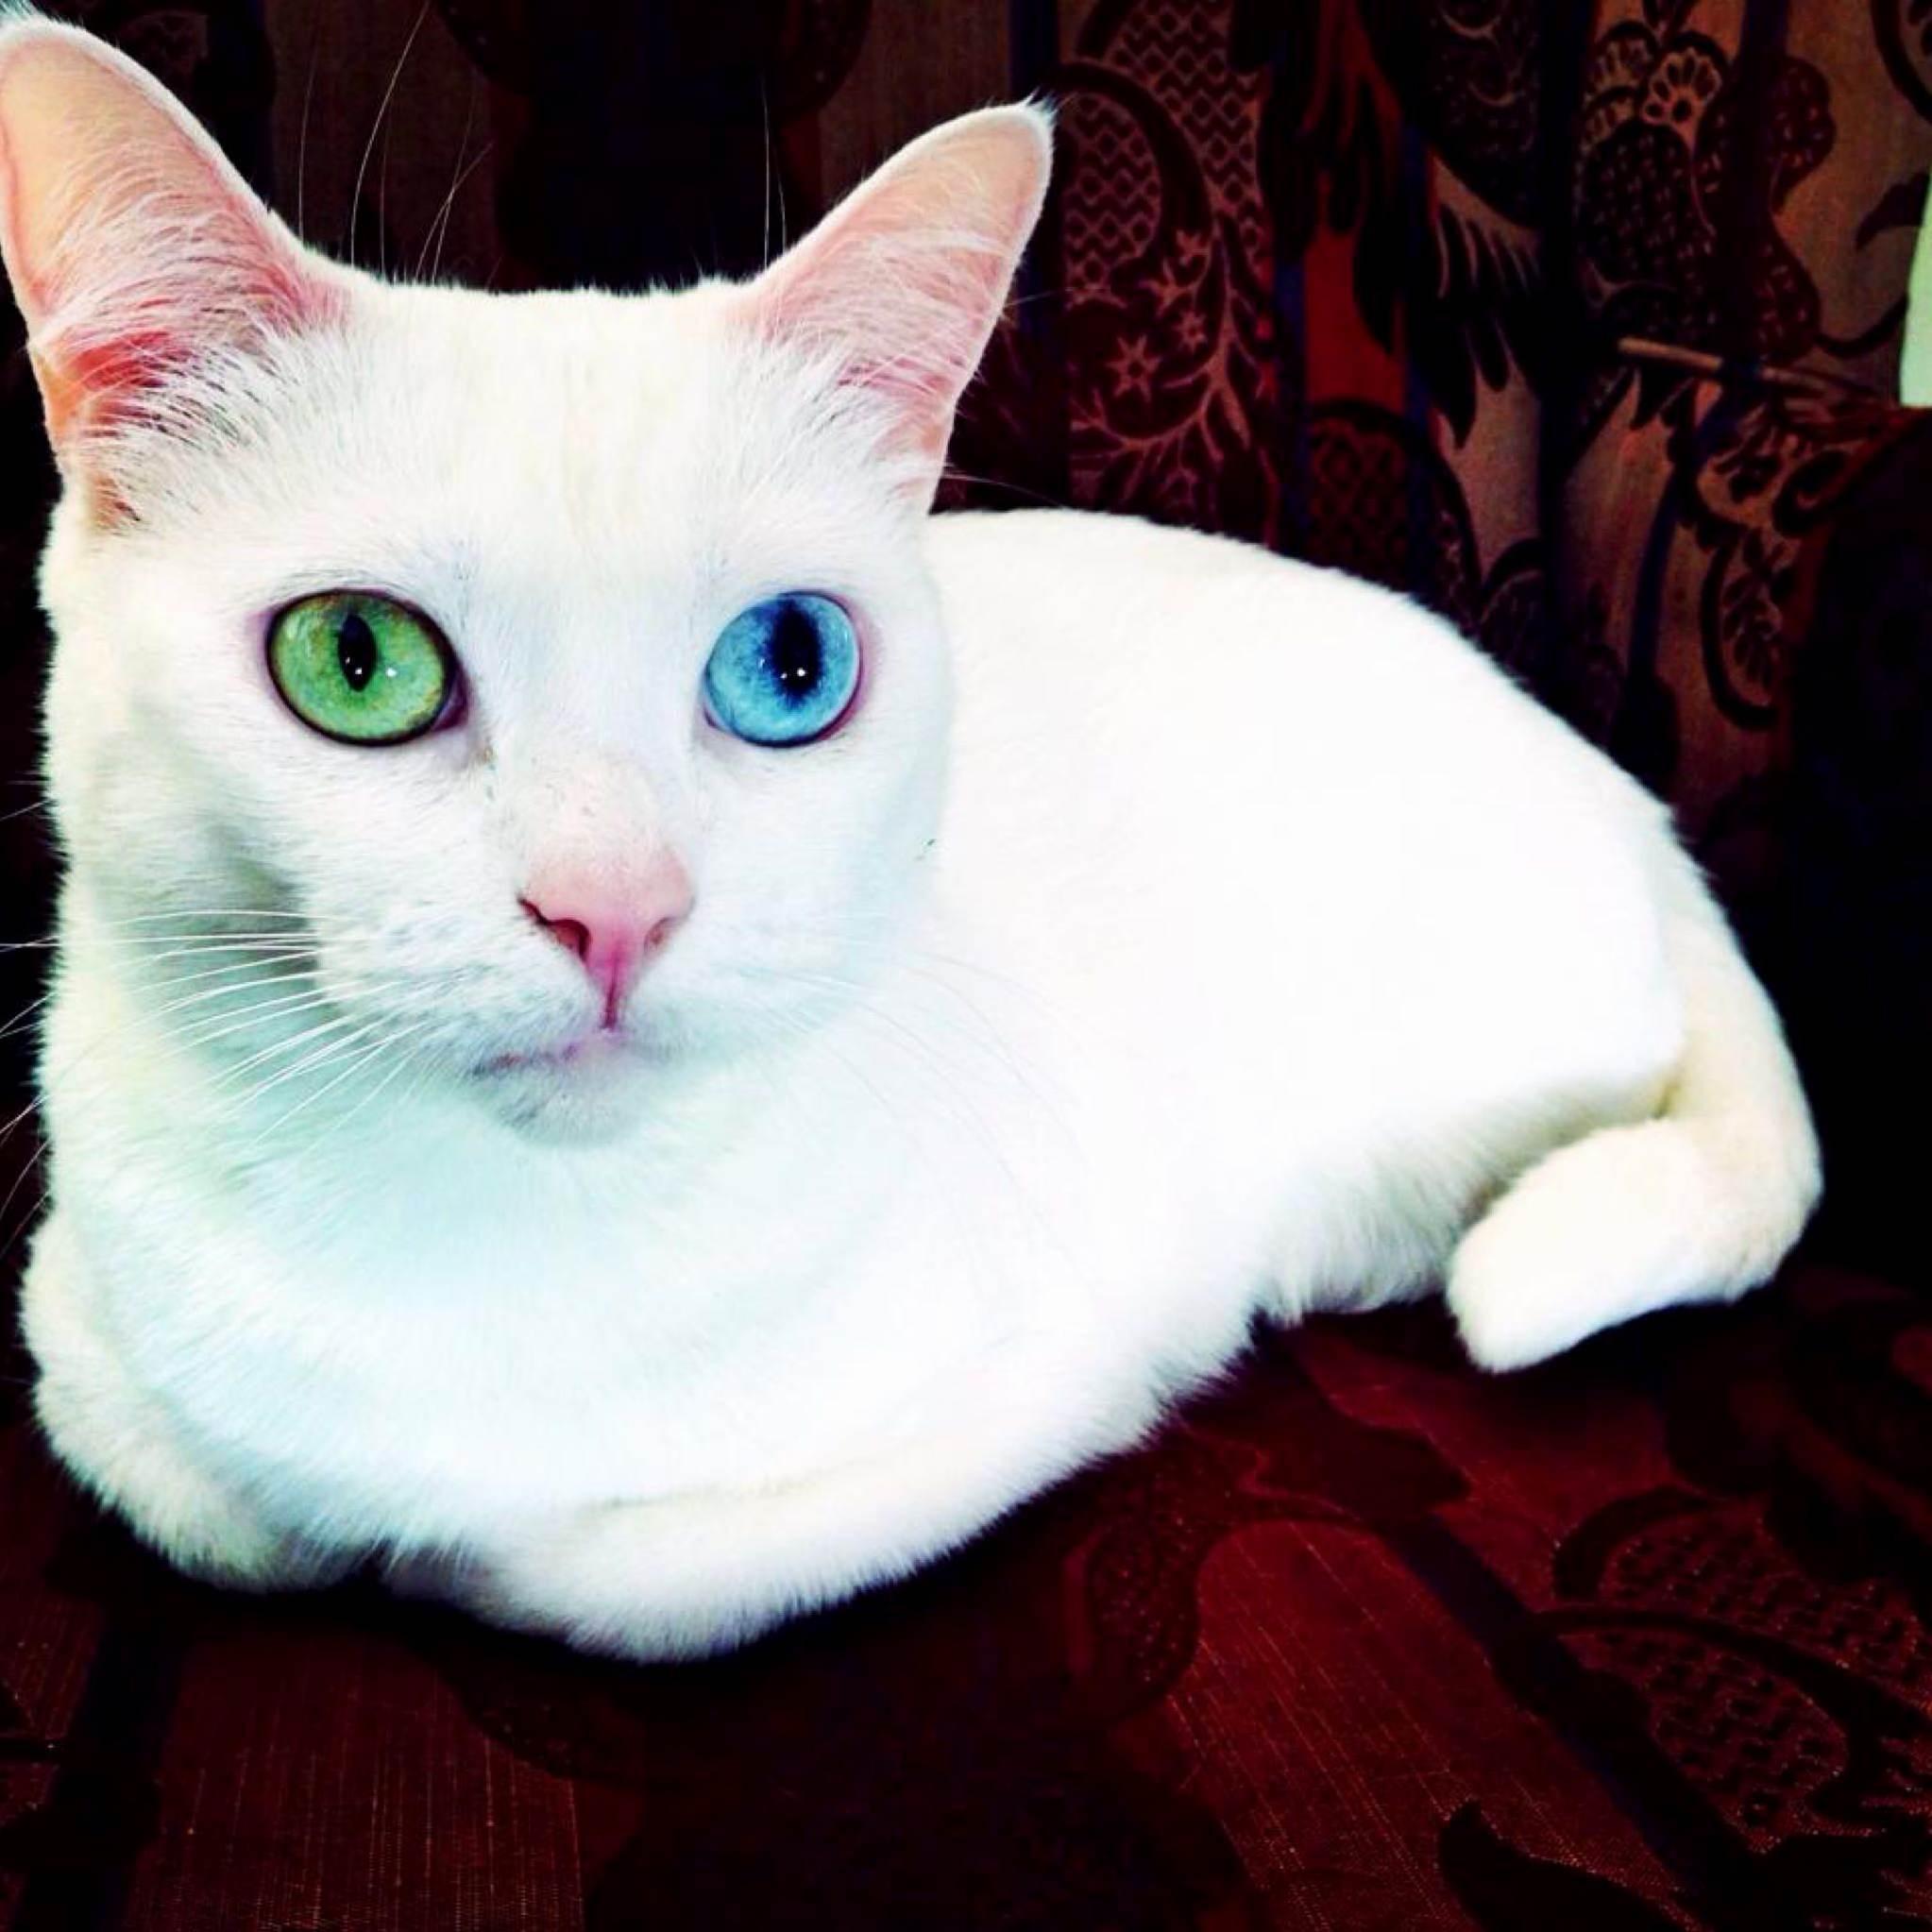 October the heterochromiac cat and her fancy eyeballs